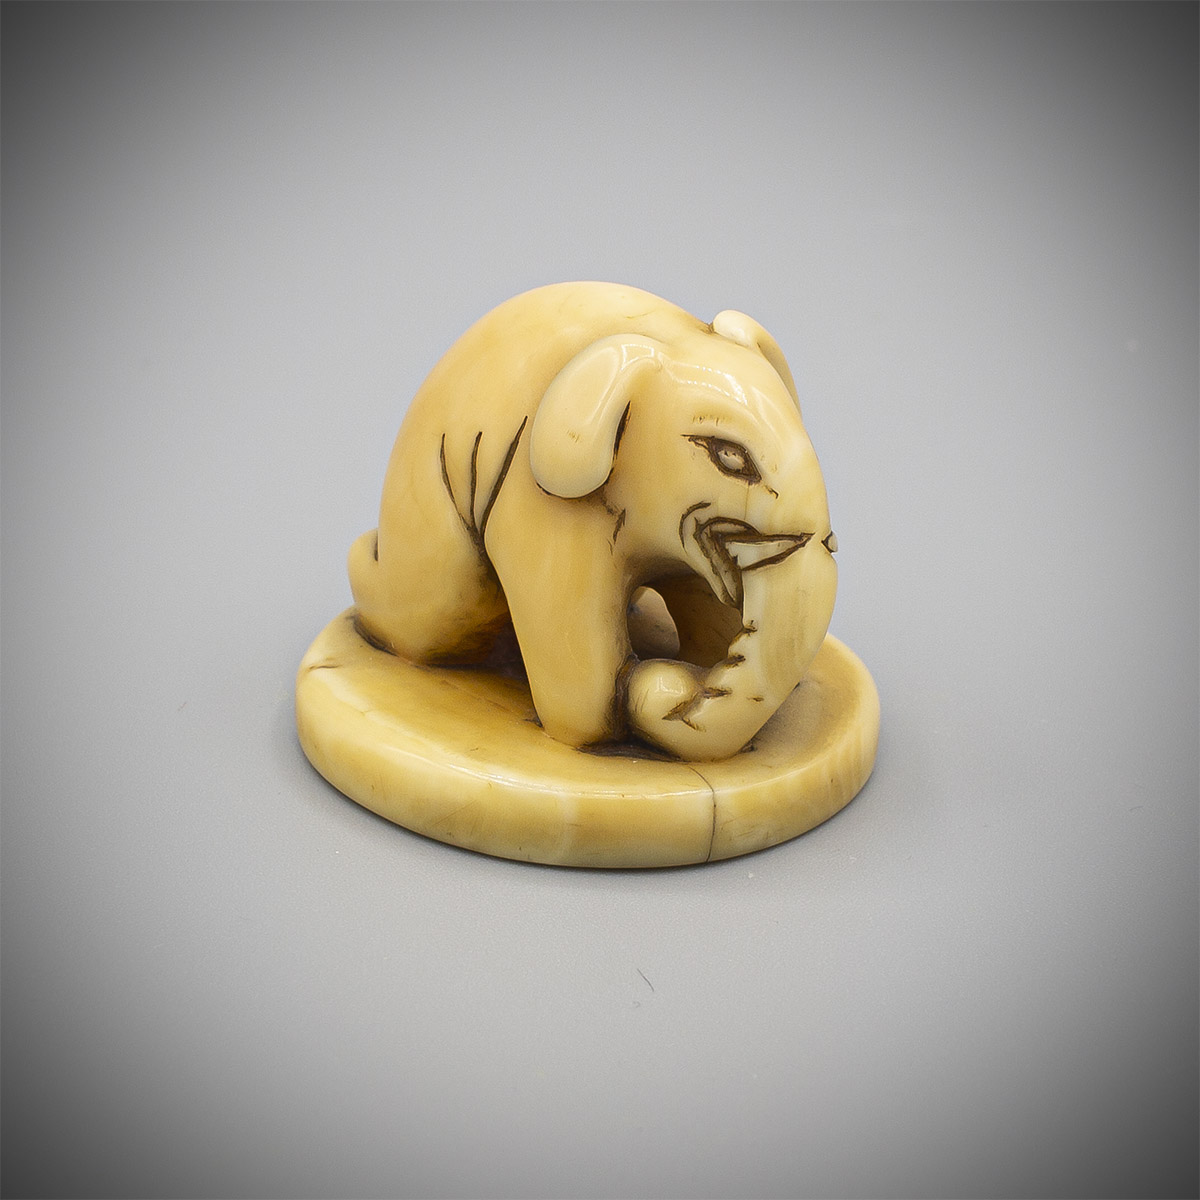 MR3887_v.1.Marine ivory seal netsuke of an elephant